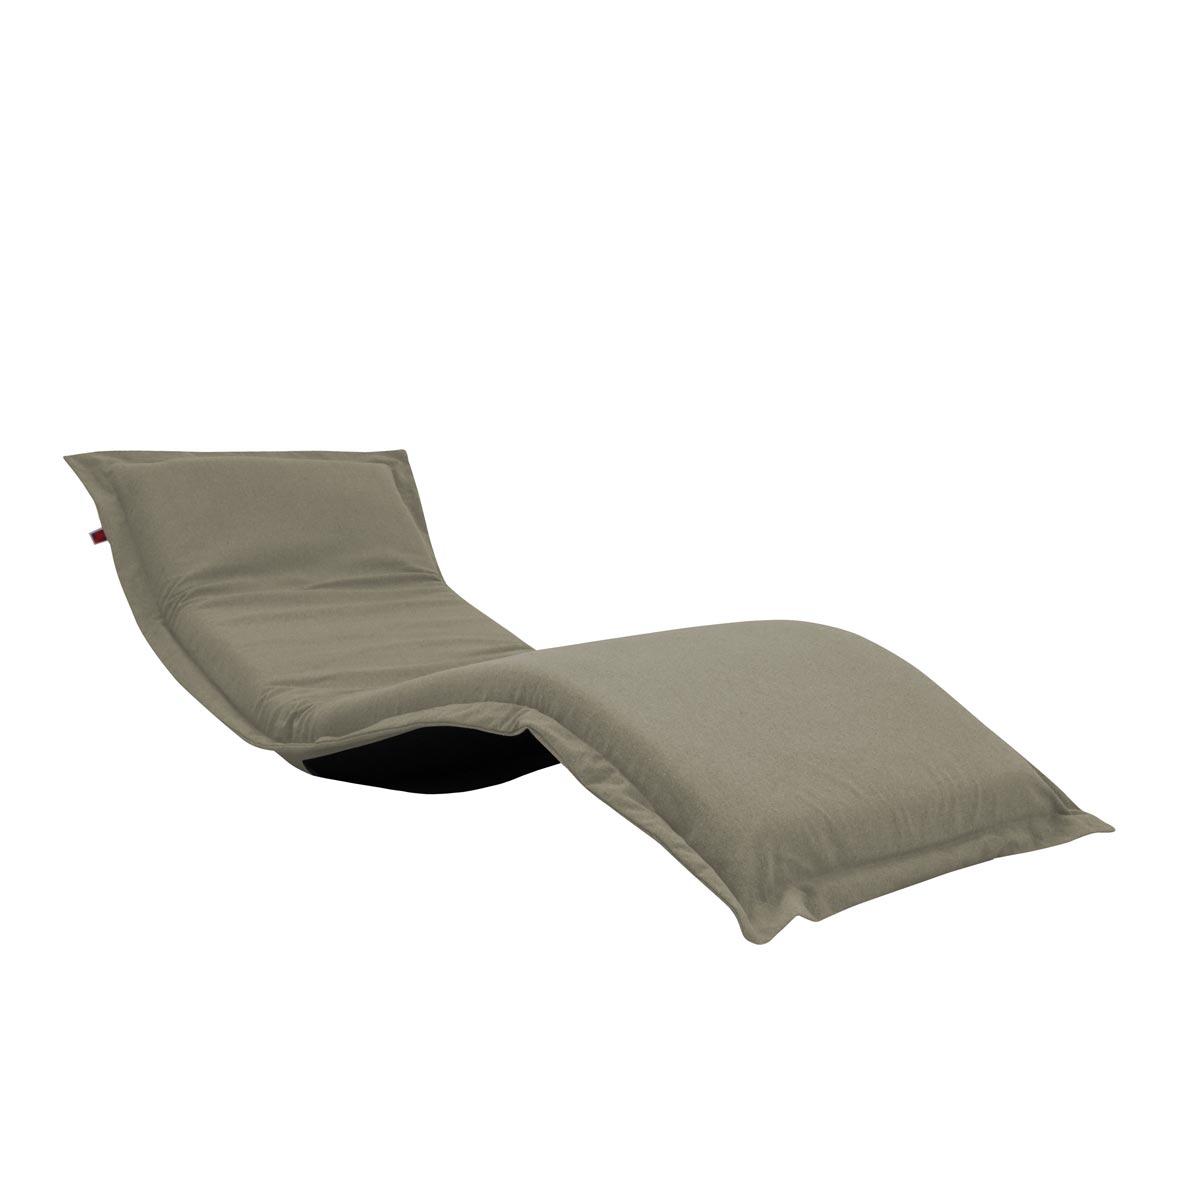 Pufe ClicClac Uno Lounge Tecido Ecolona Natural 02 05